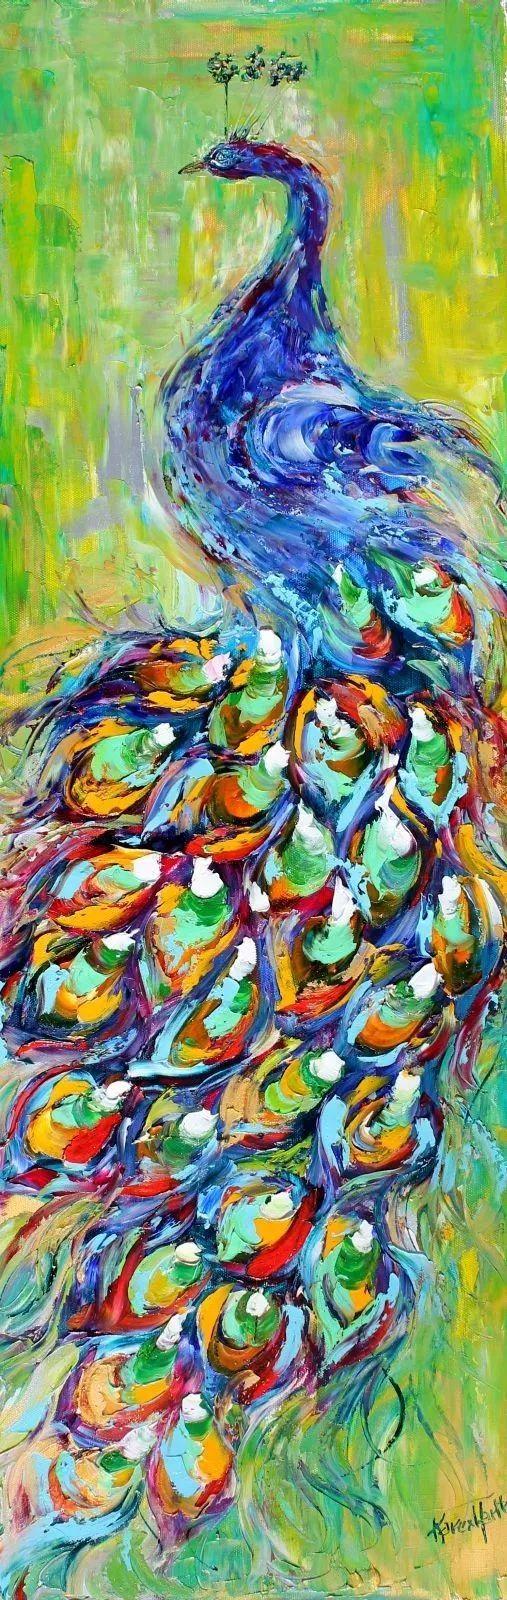 浪漫的风景油画 美国画家凯伦·塔尔顿作品插图19